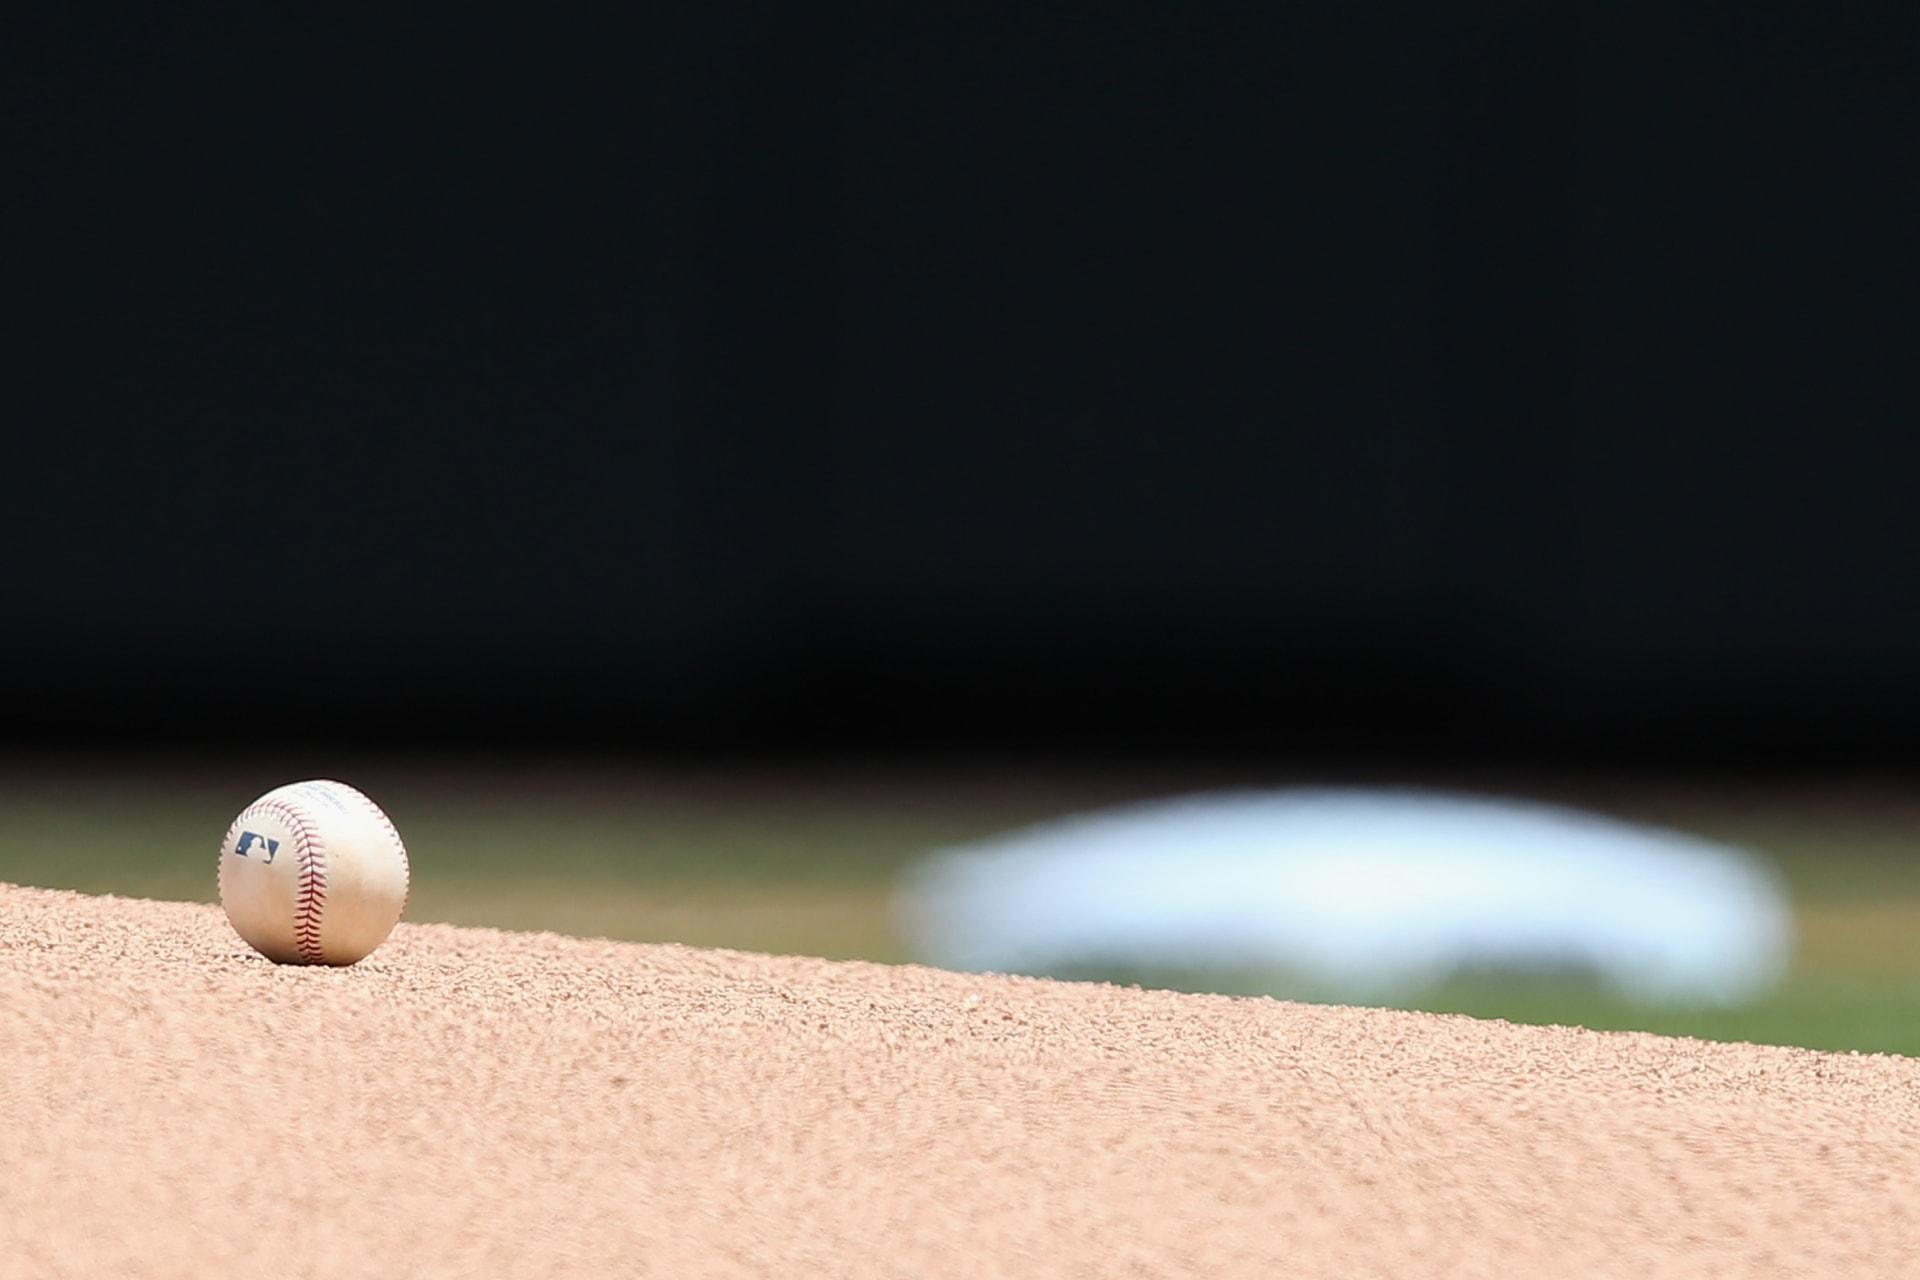 حصرياً.. صراع بالعالم الإفتراضي.. فريق بيسبول أمريكي يتهم منافسه بقرصنة معلوماته